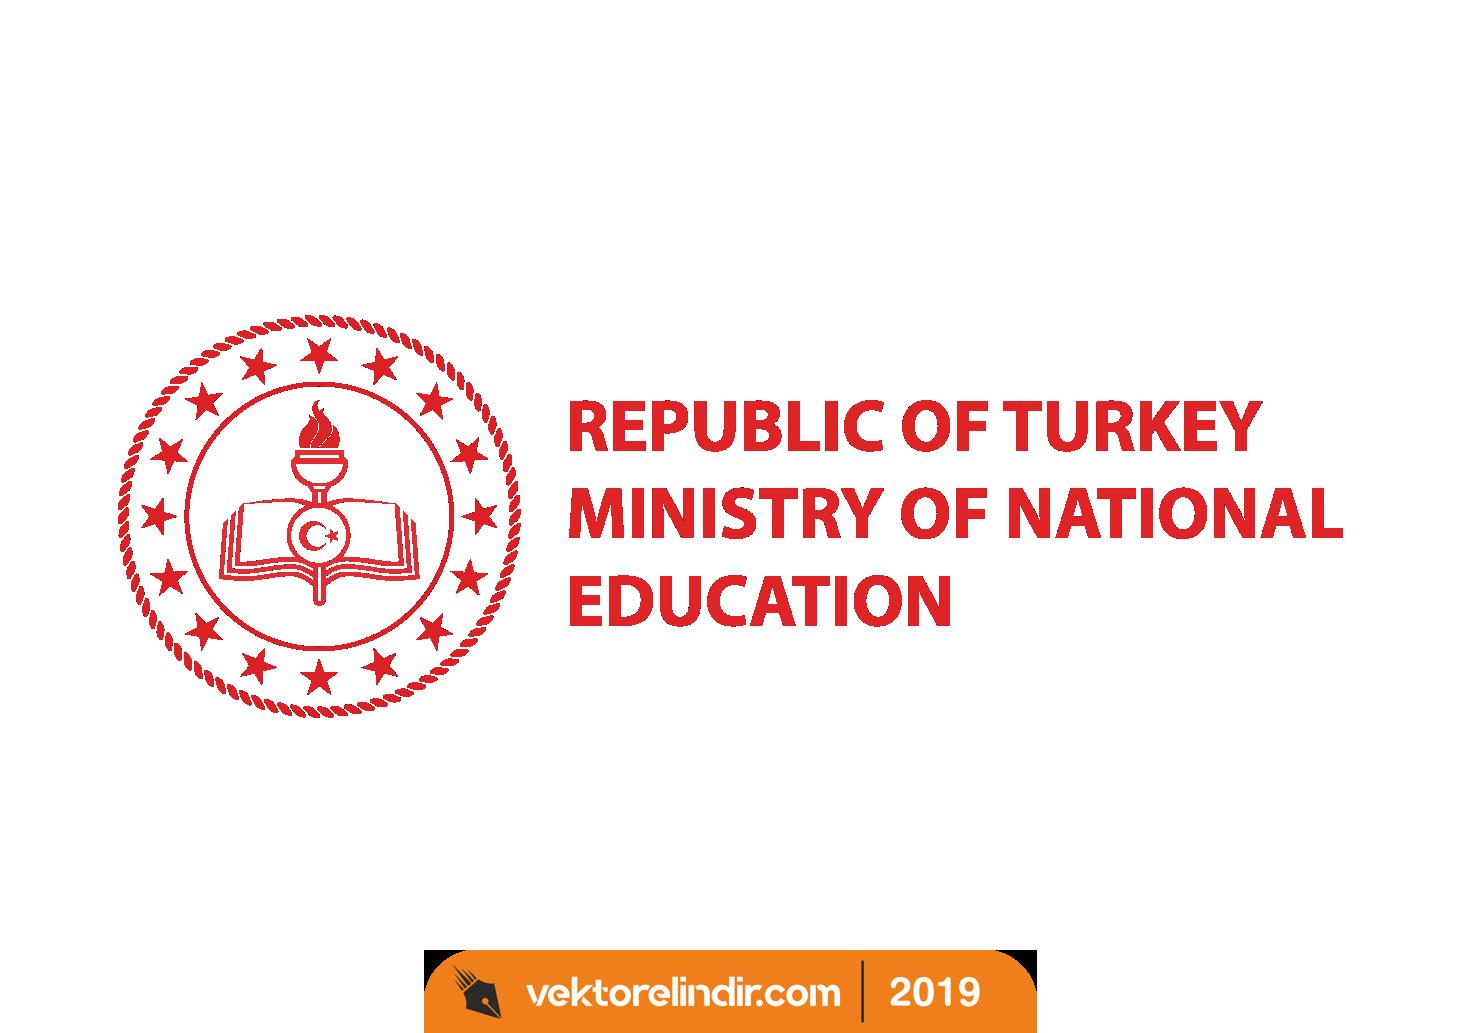 Tc. Milli Eğitim Bakanlığı Yeni Logo_Png_5